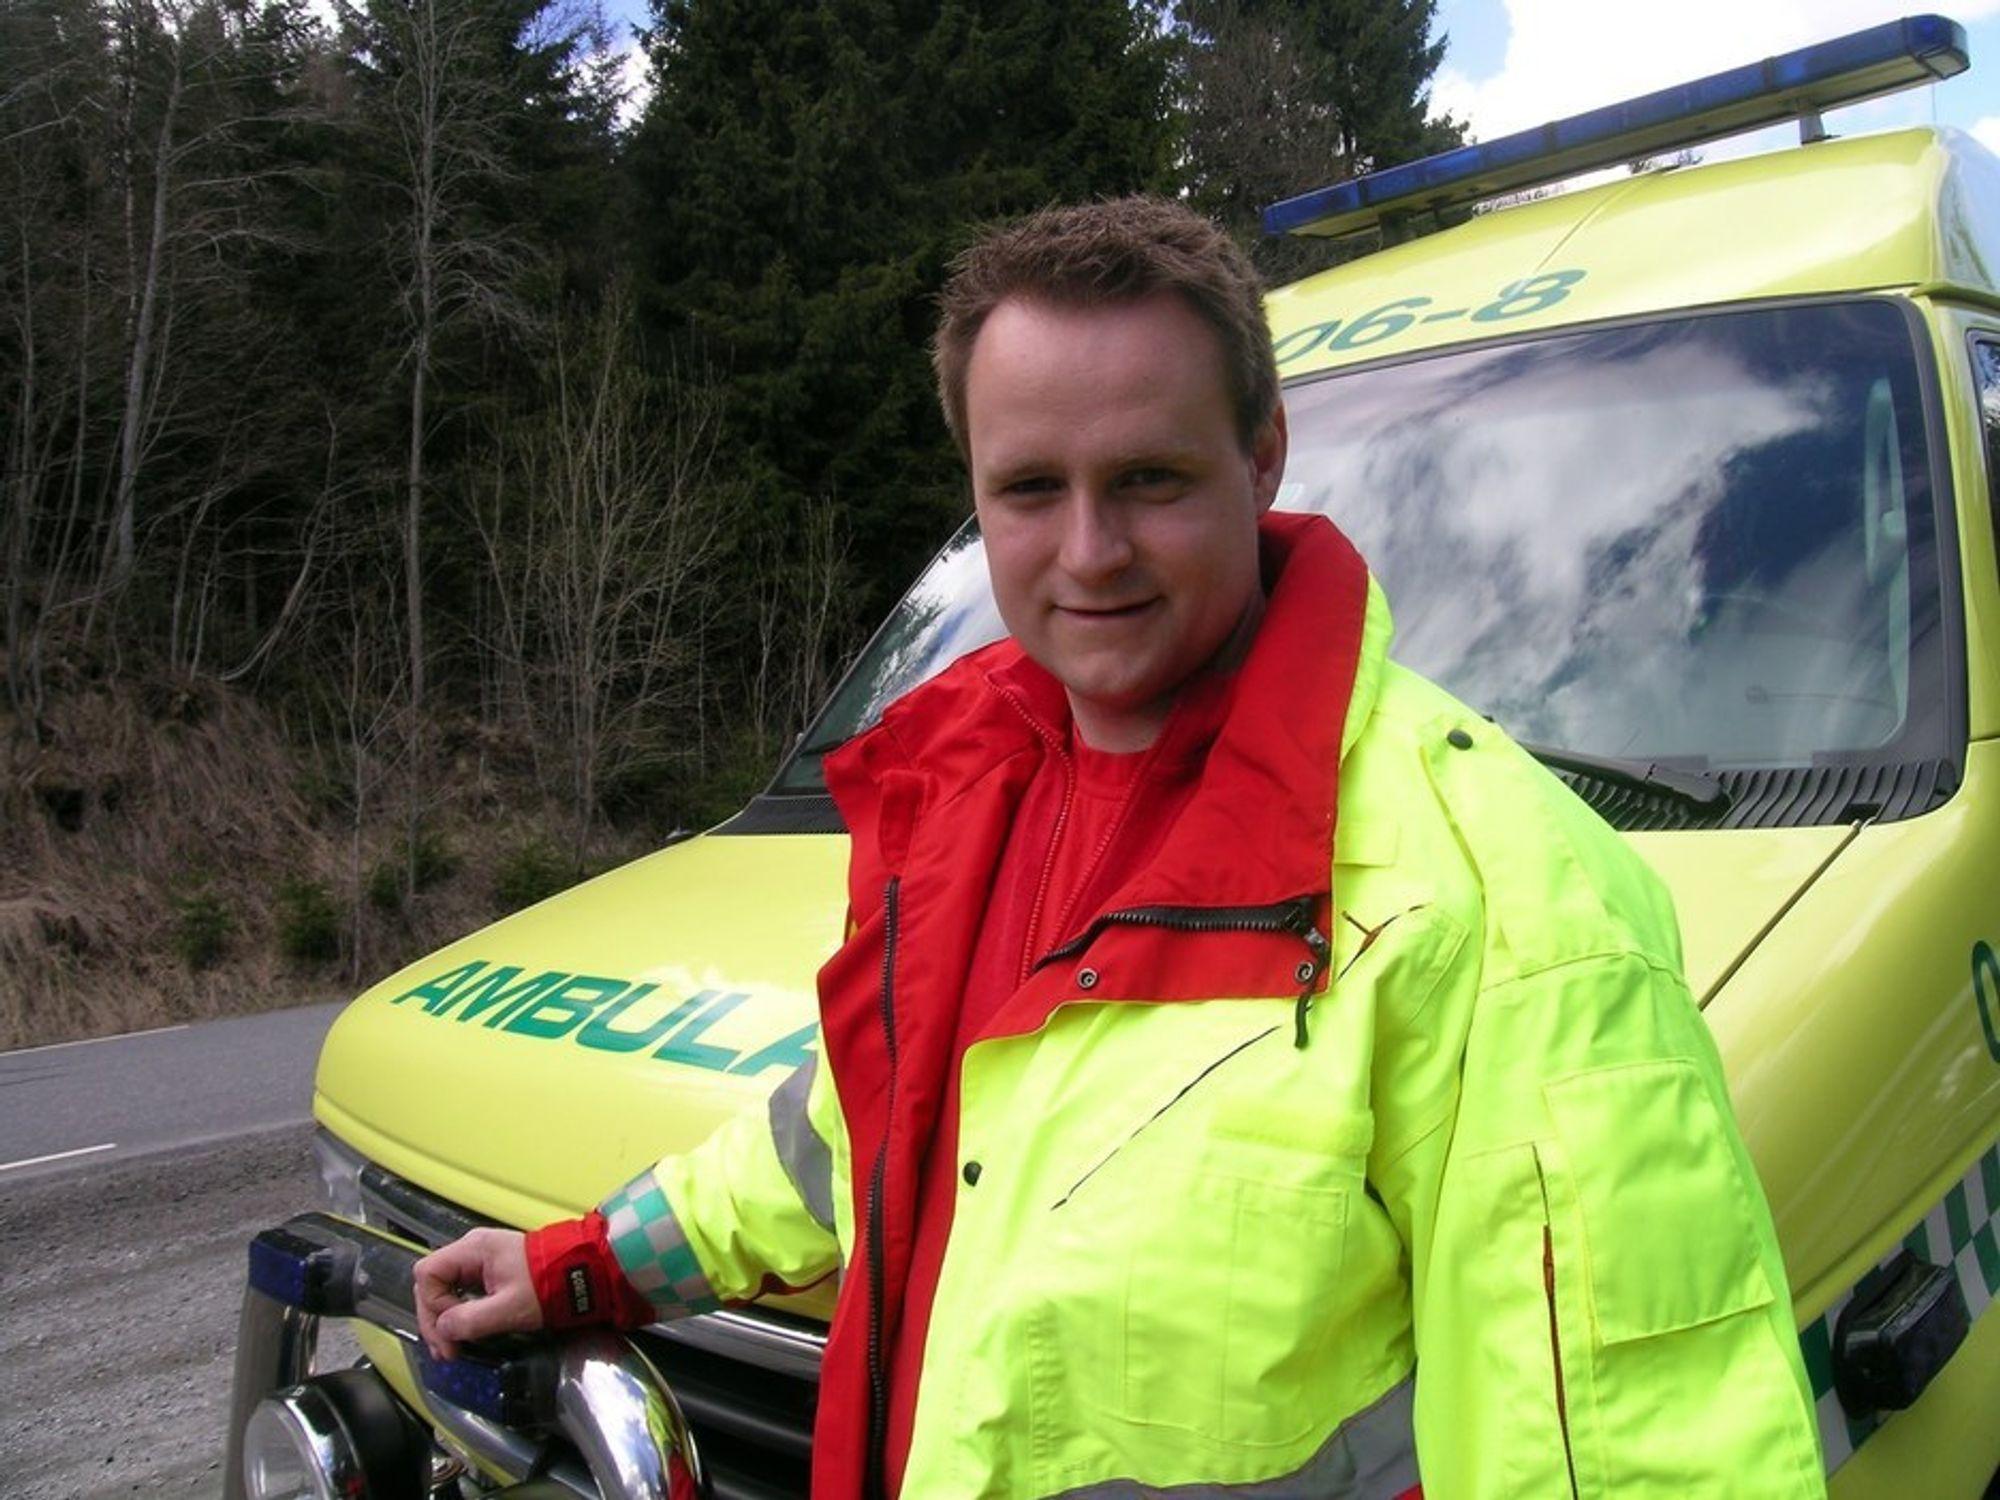 Pasienter har det ille når det kjøres fort på dårlig veg, sier ambulansesjåfør og AMPY-leder Fredrik Westmark.